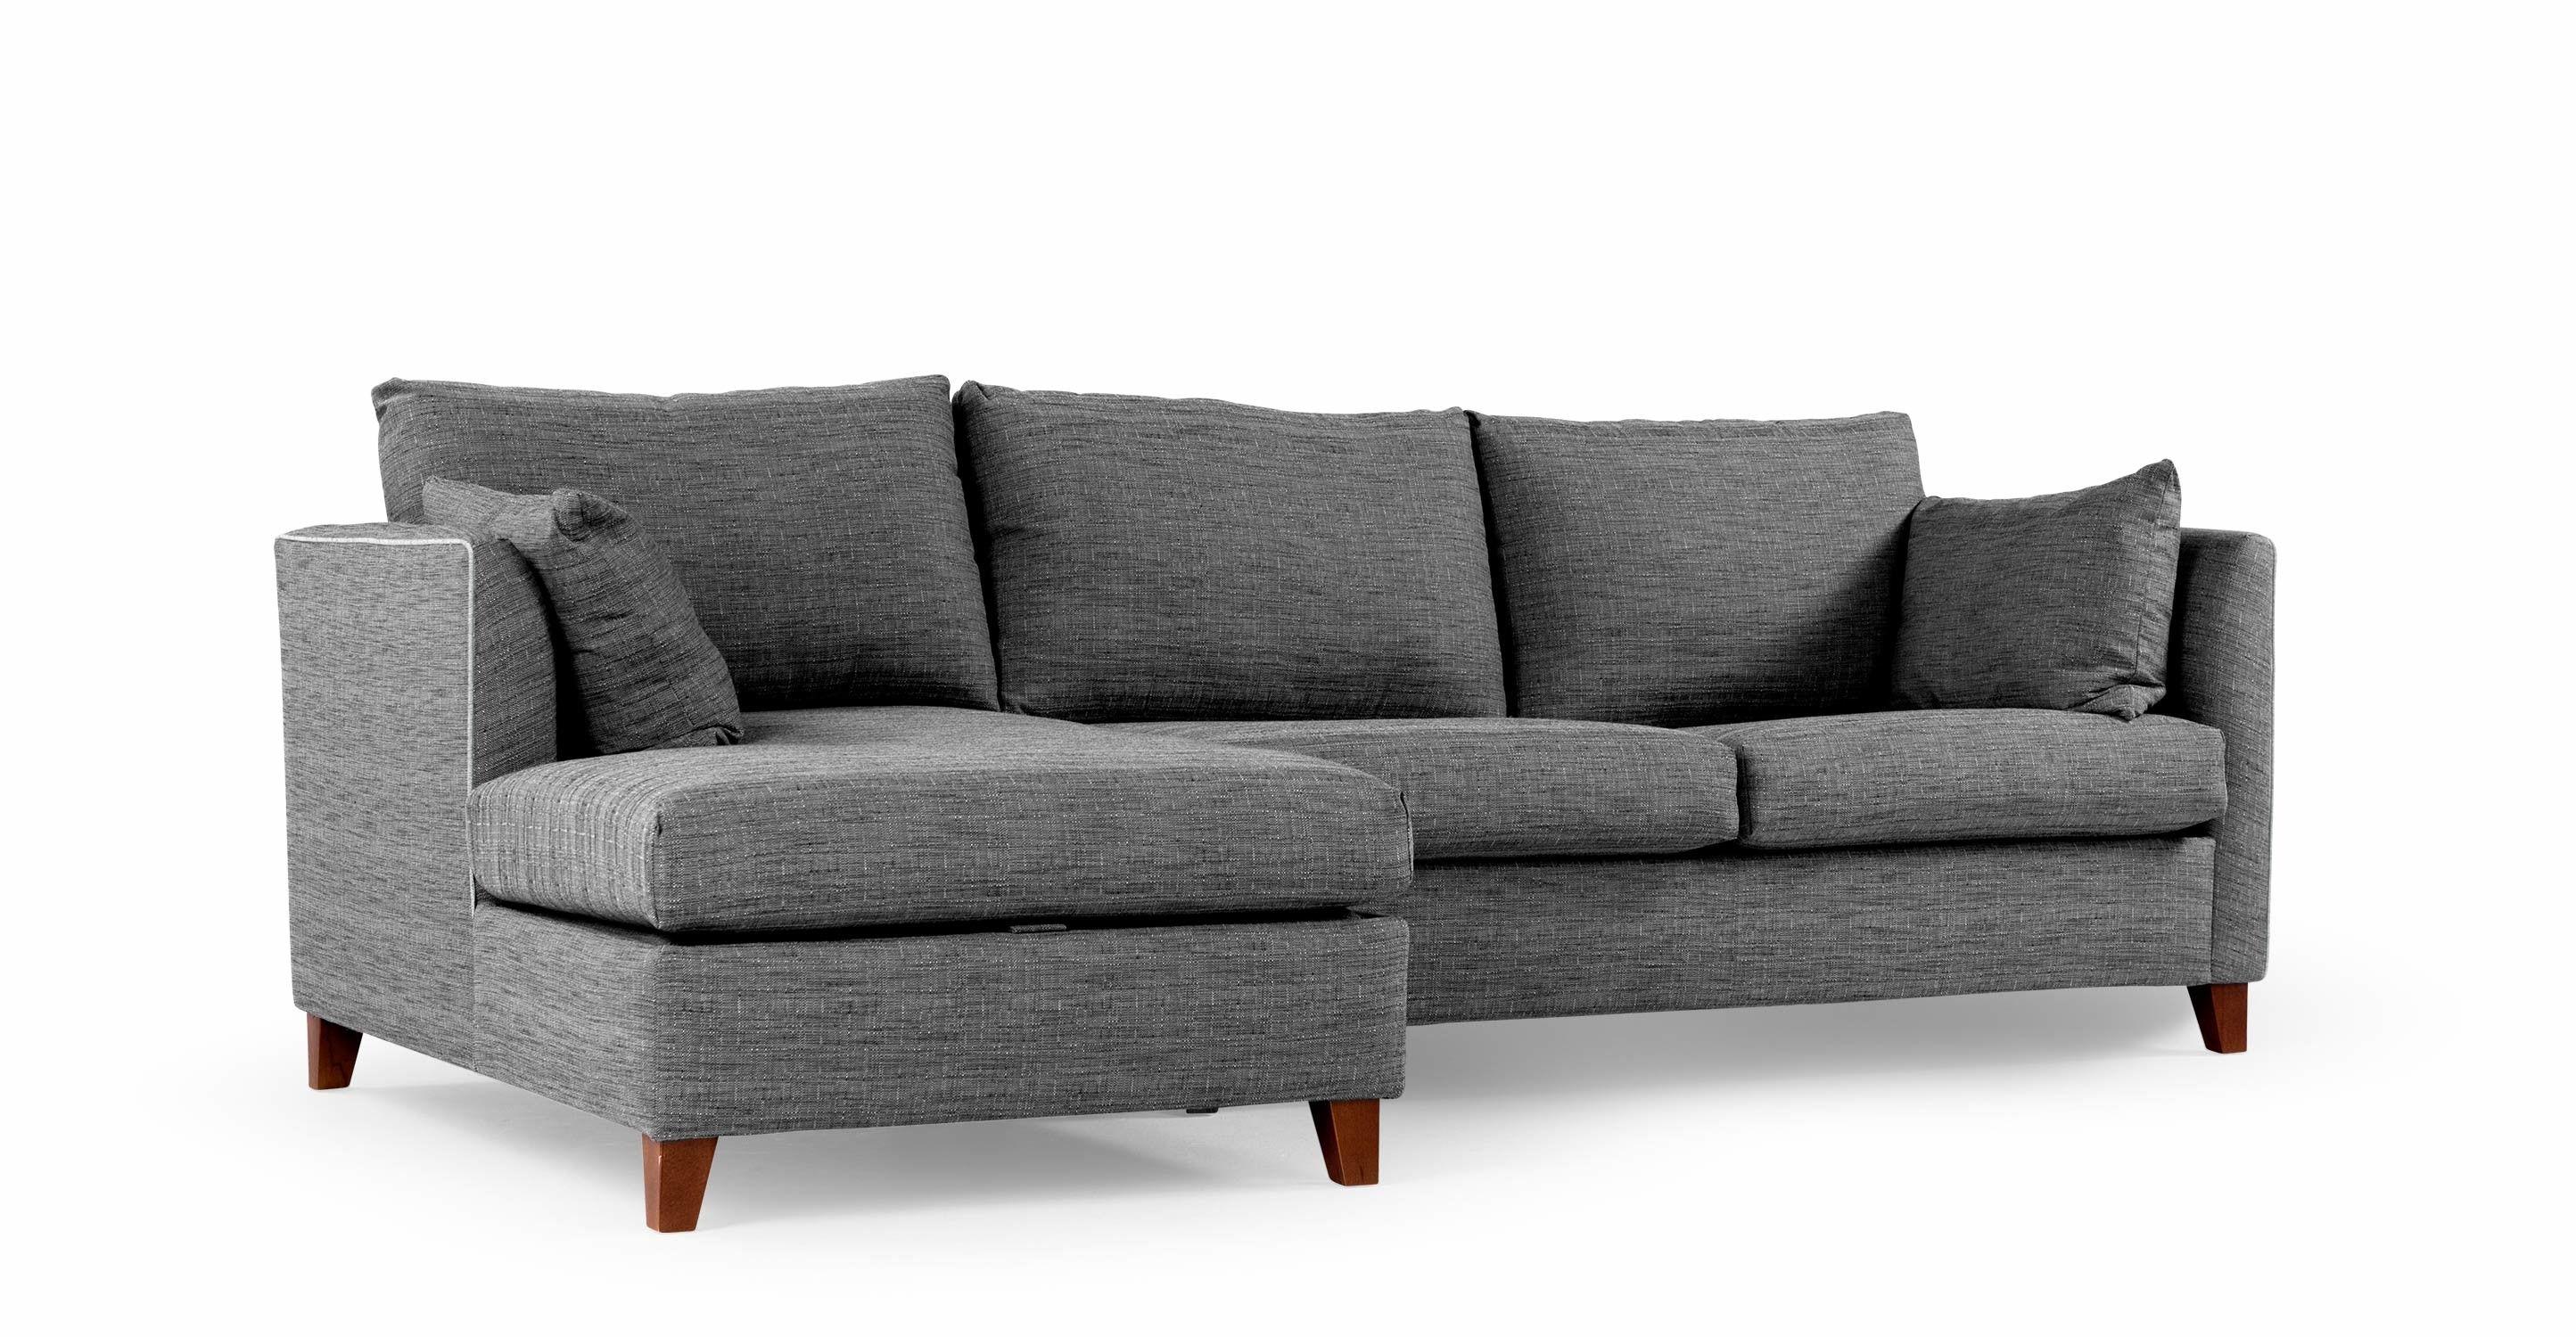 Bari Ausziehbares Eckschlafsofa Recamiere Links Mit Stauraum Und Memory Foam Matratze Malva Graphit Sofa Bed Corner Sofa Bed